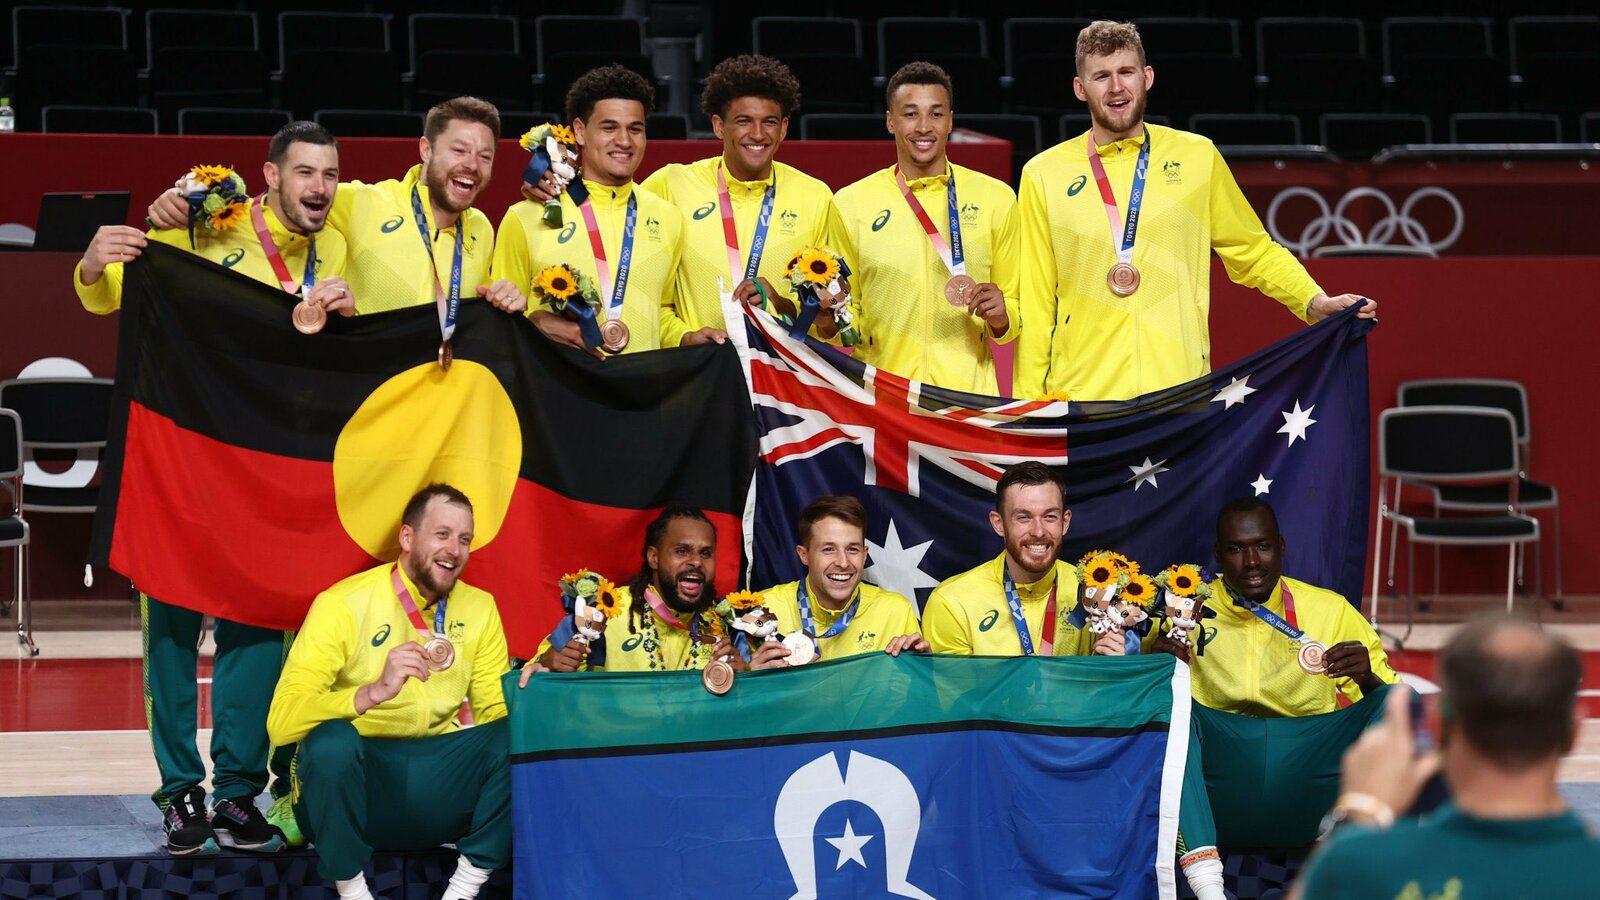 Retour en images sur la première médaille olympique des Boomers de l'Australie